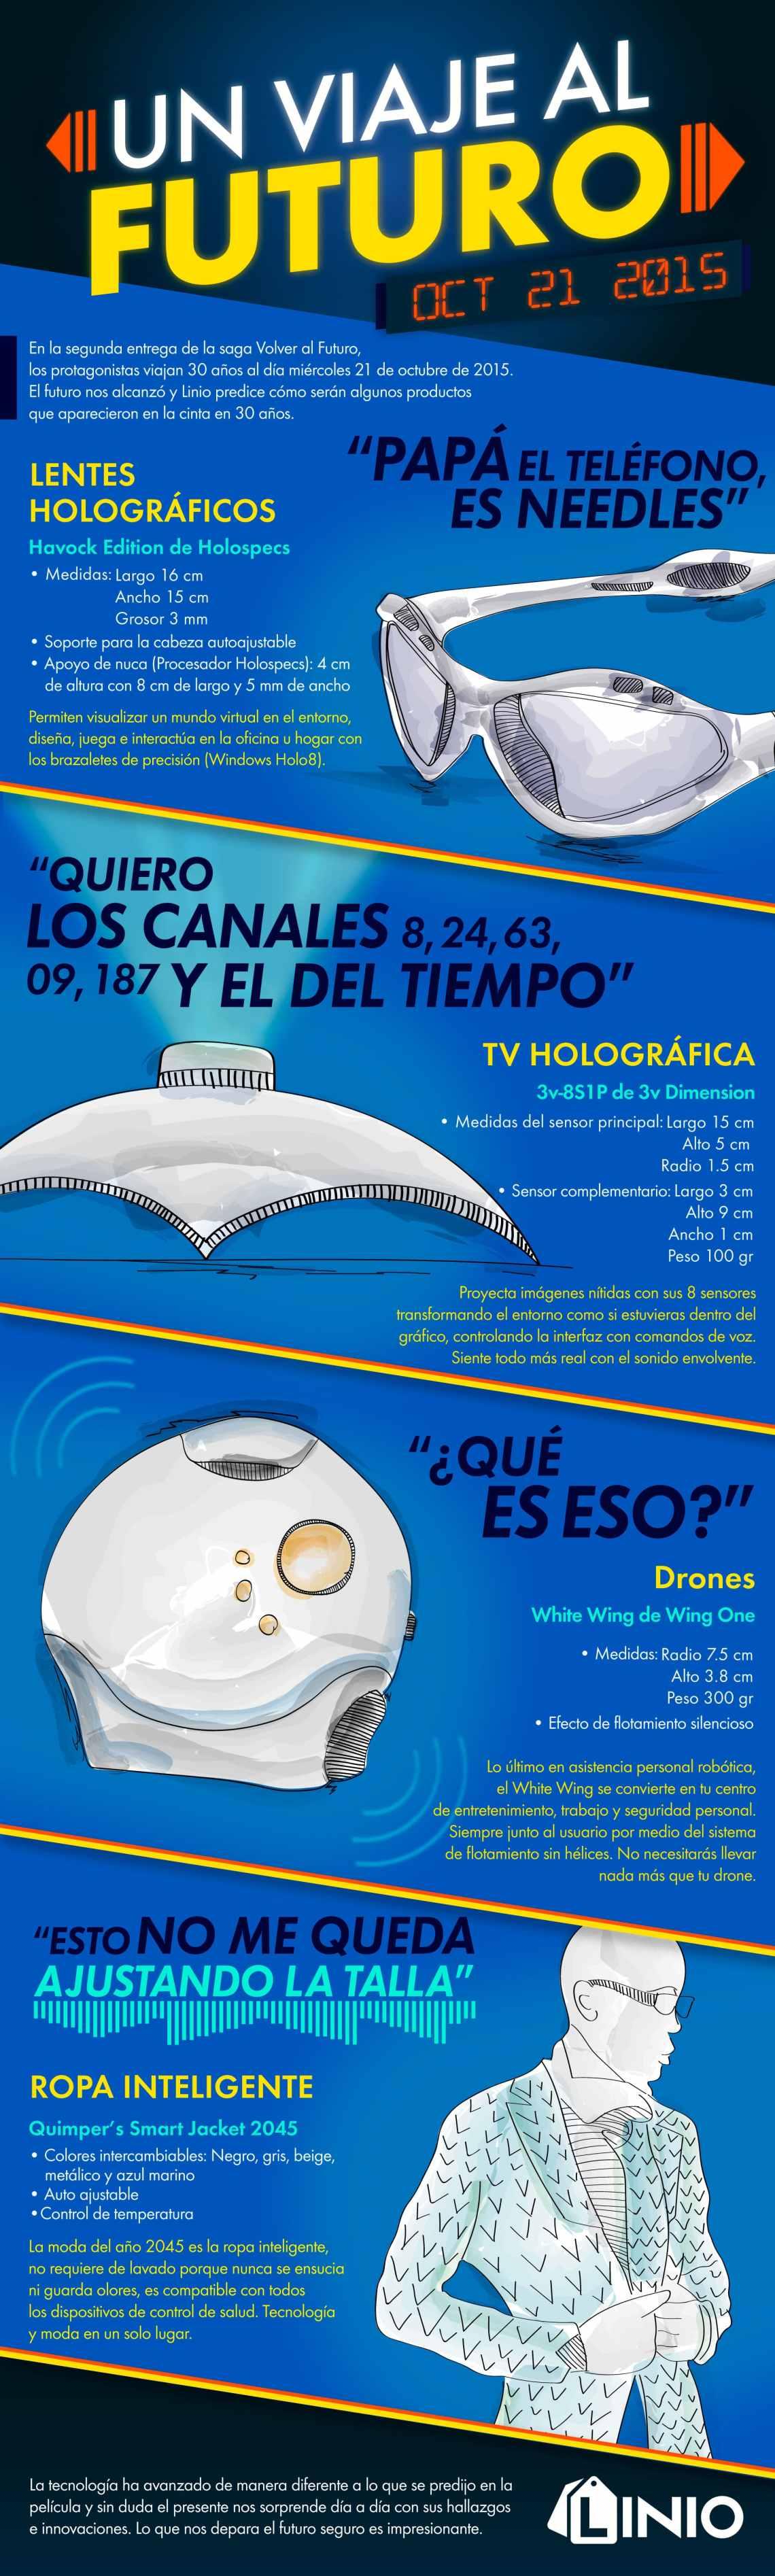 Imagen vía www.linio.com.mx